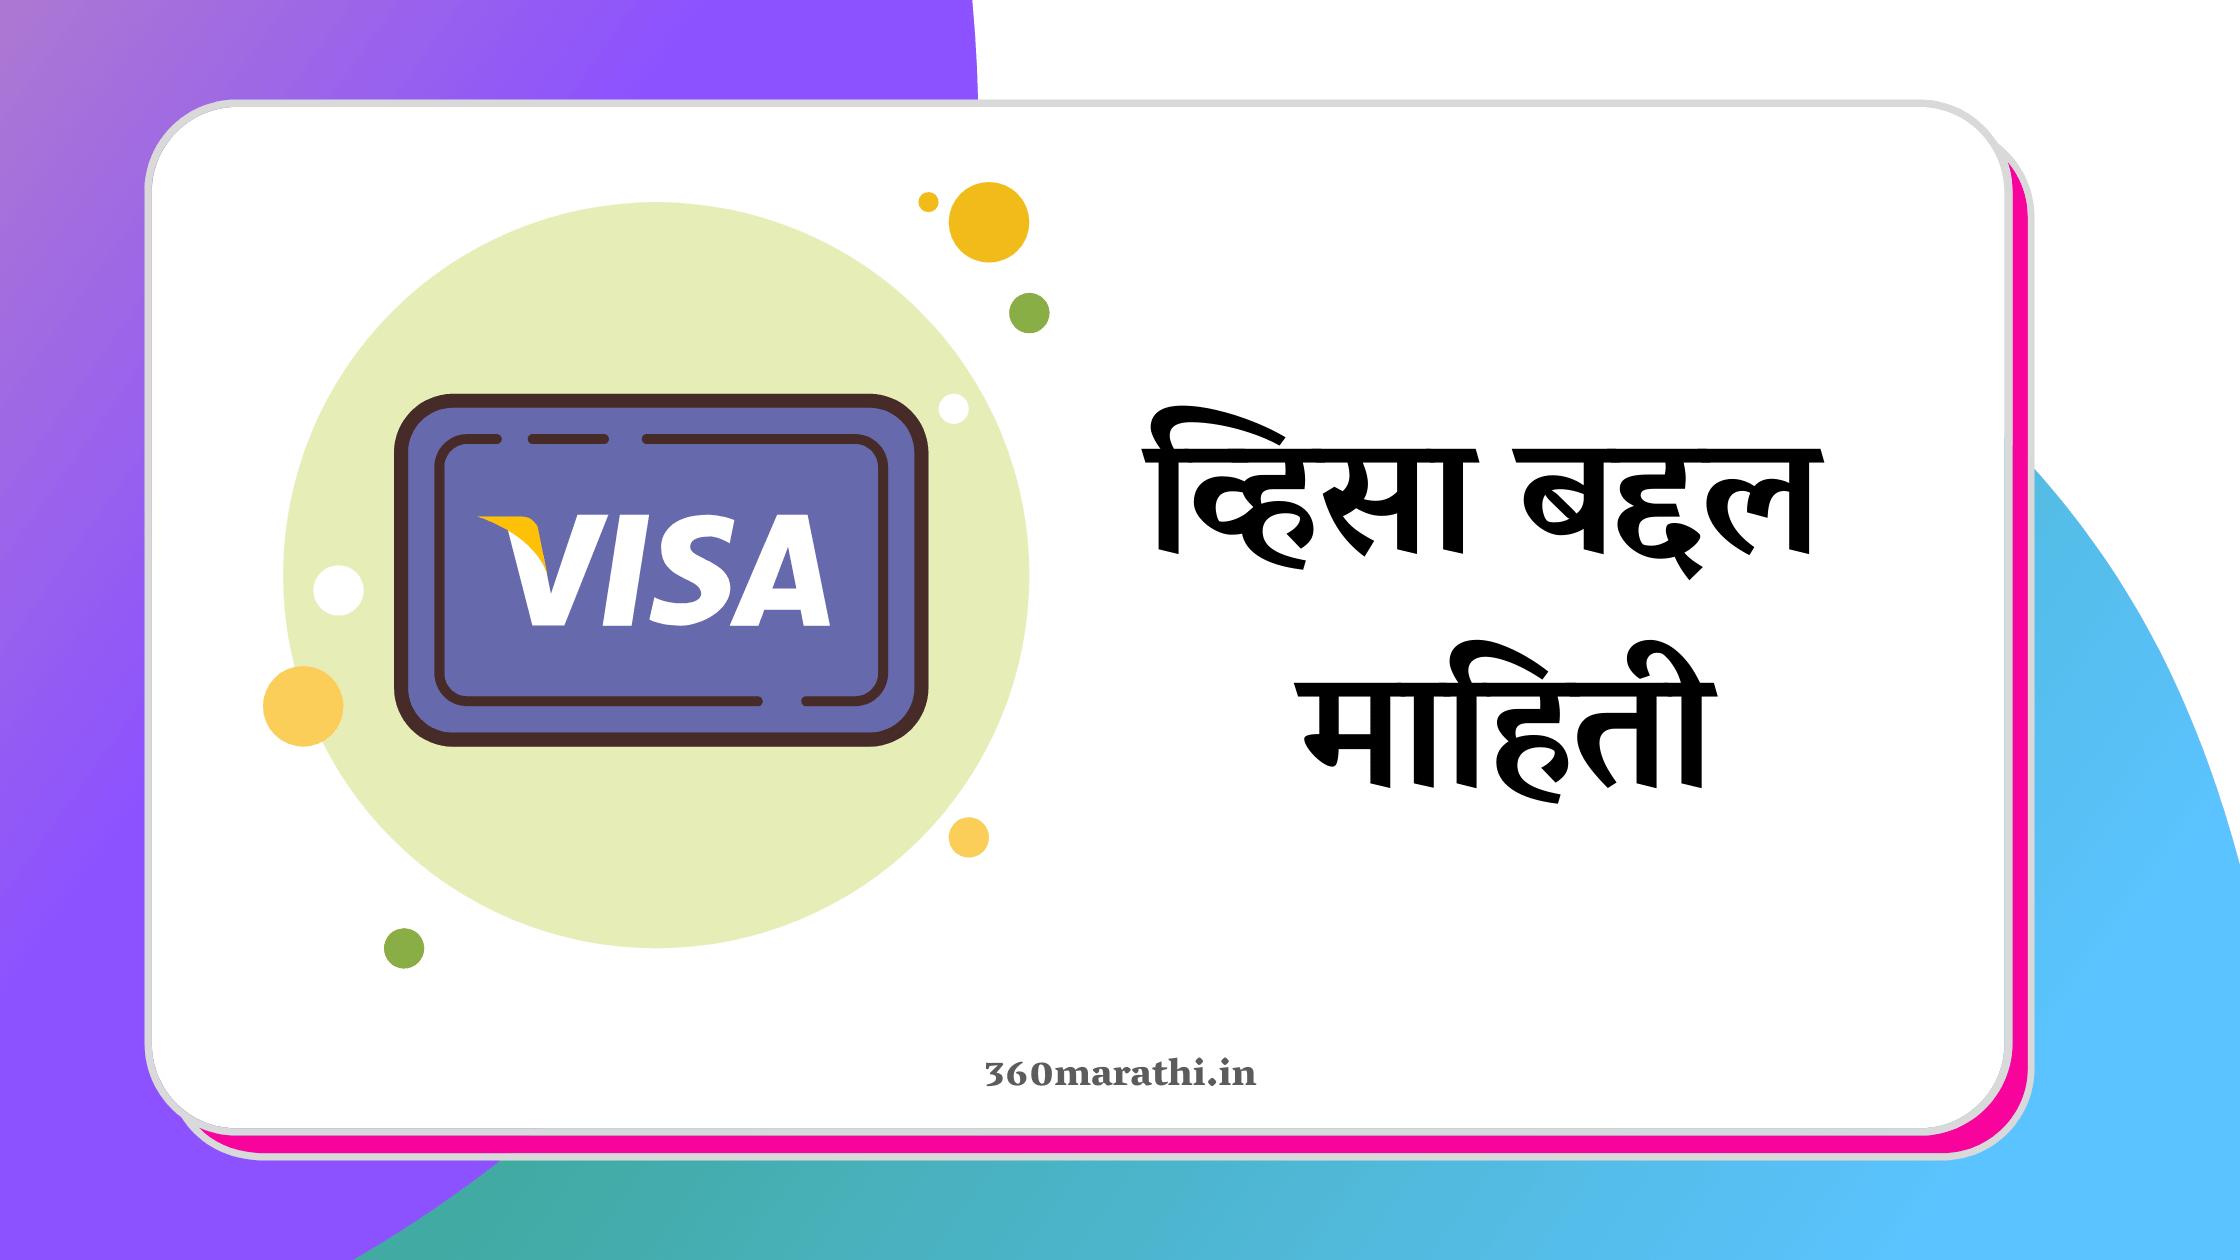 व्हिसा म्हणजे काय : प्रकार, कसा काढावं संपूर्ण माहिती   Visa Information in Marathi